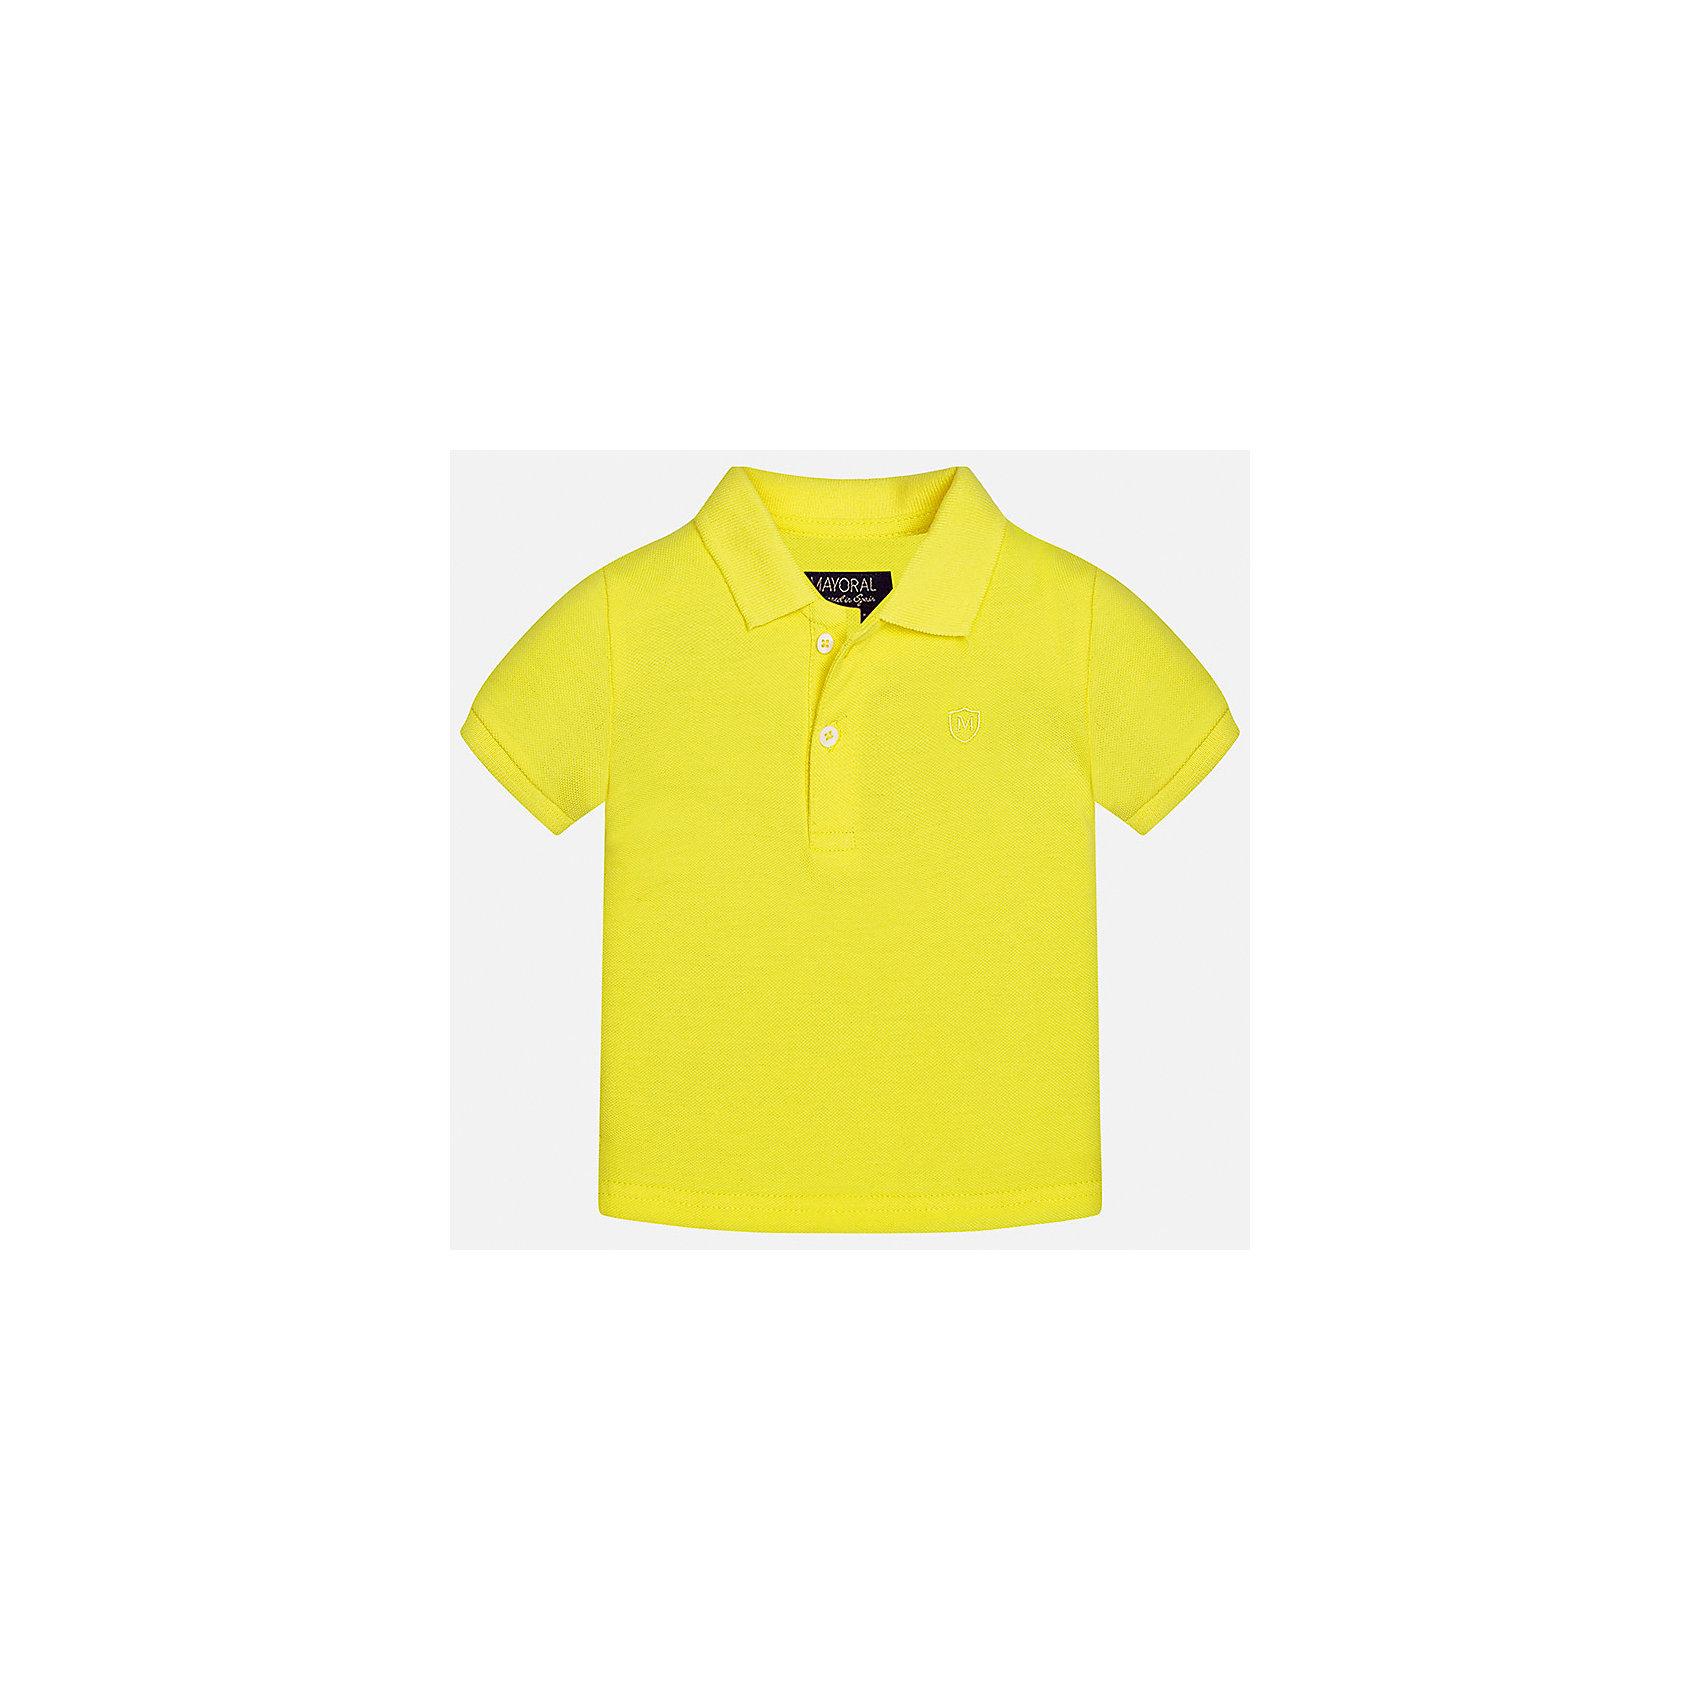 Футболка-поло для мальчика MayoralФутболки, топы<br>Характеристики товара:<br><br>• цвет: желтый<br>• состав: 100% хлопок<br>• отложной воротник<br>• короткие рукава<br>• застежка: пуговицы<br>• вышивка на груди<br>• страна бренда: Испания<br><br>Удобная и модная футболка-поло для мальчика может стать базовой вещью в гардеробе ребенка. Она отлично сочетается с брюками, шортами, джинсами и т.д. Универсальный крой и цвет позволяет подобрать к вещи низ разных расцветок. Практичное и стильное изделие! В составе материала - только натуральный хлопок, гипоаллергенный, приятный на ощупь, дышащий.<br><br>Одежда, обувь и аксессуары от испанского бренда Mayoral полюбились детям и взрослым по всему миру. Модели этой марки - стильные и удобные. Для их производства используются только безопасные, качественные материалы и фурнитура. Порадуйте ребенка модными и красивыми вещами от Mayoral! <br><br>Футболку-поло для мальчика от испанского бренда Mayoral (Майорал) можно купить в нашем интернет-магазине.<br><br>Ширина мм: 230<br>Глубина мм: 40<br>Высота мм: 220<br>Вес г: 250<br>Цвет: желтый<br>Возраст от месяцев: 12<br>Возраст до месяцев: 18<br>Пол: Мужской<br>Возраст: Детский<br>Размер: 86,80,74,92<br>SKU: 5277653